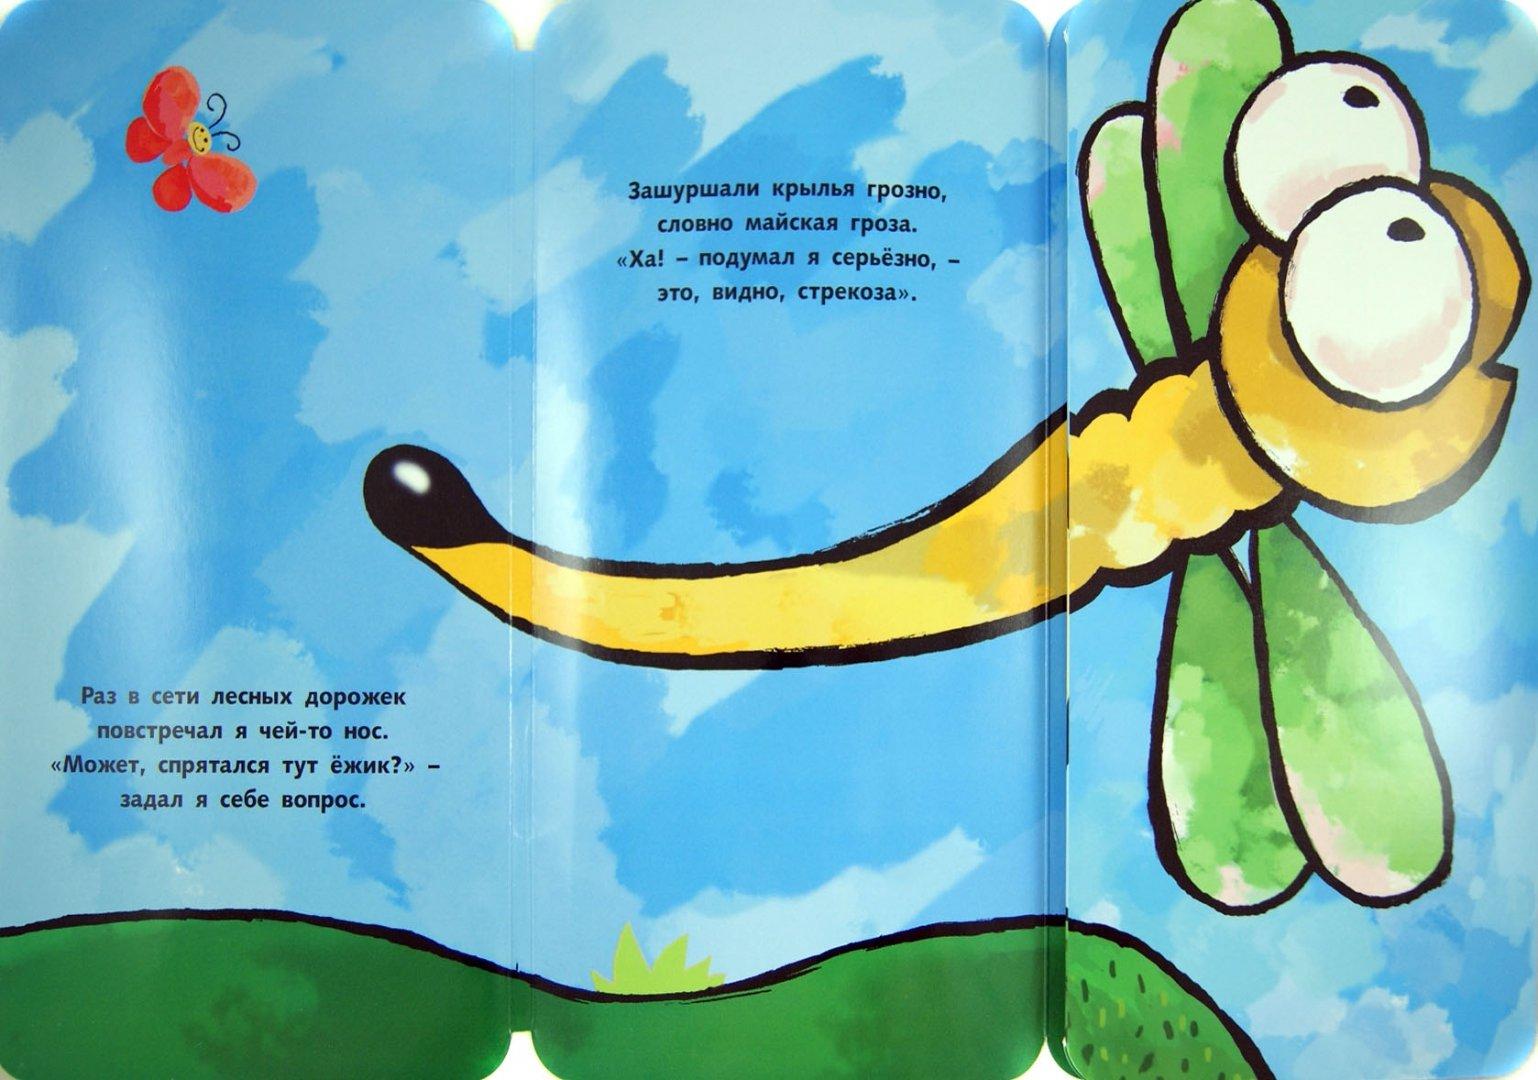 Иллюстрация 1 из 11 для Это ежик? - П. Волцит | Лабиринт - книги. Источник: Лабиринт